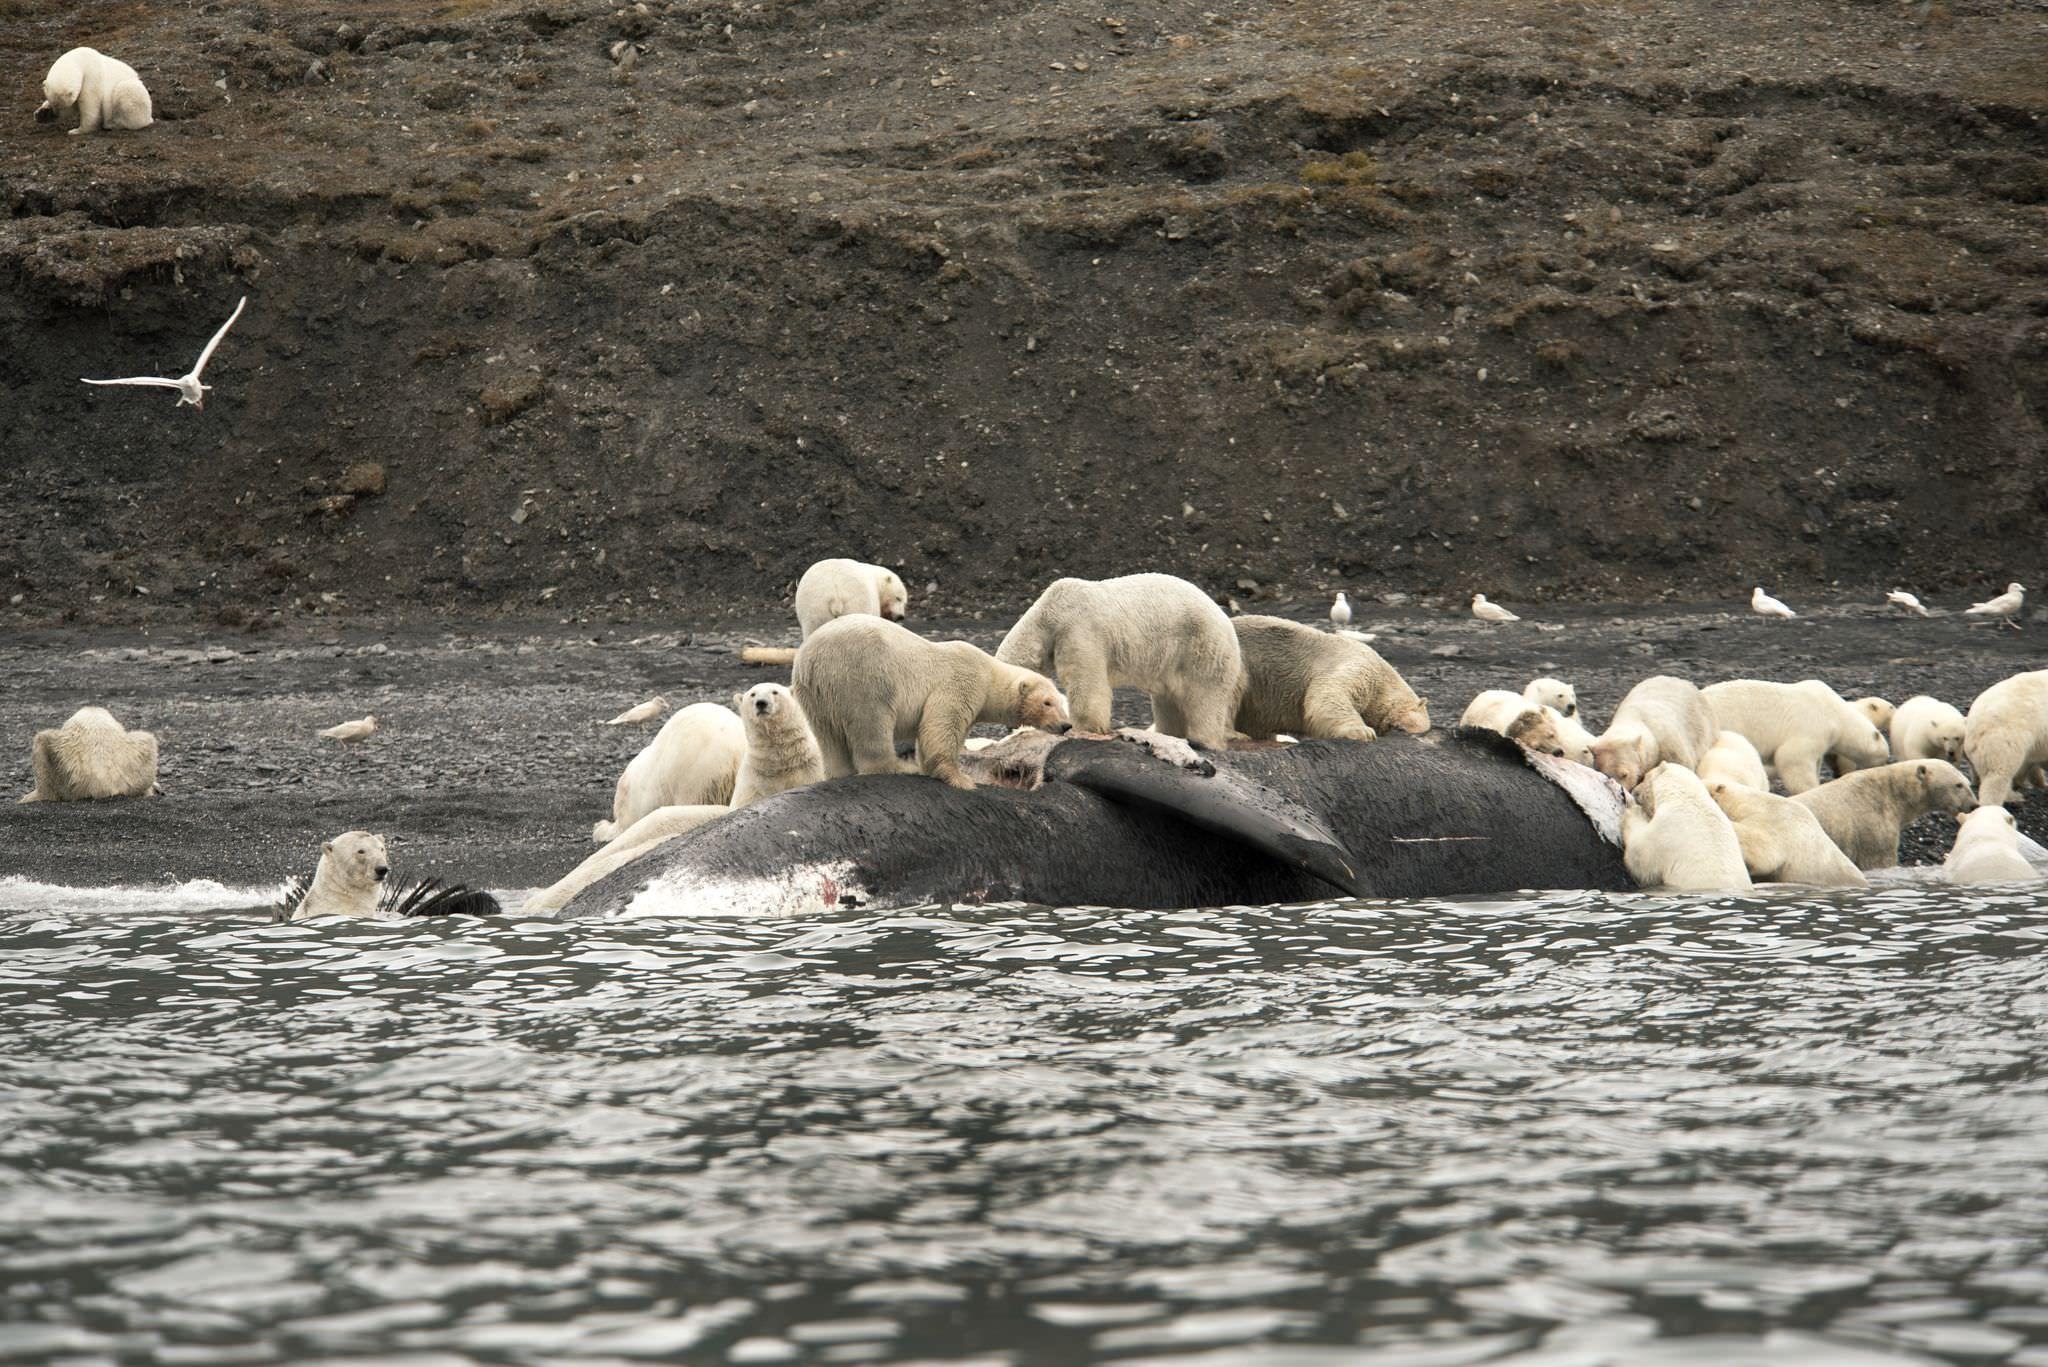 Polar Bears feast on Bowhead Whale